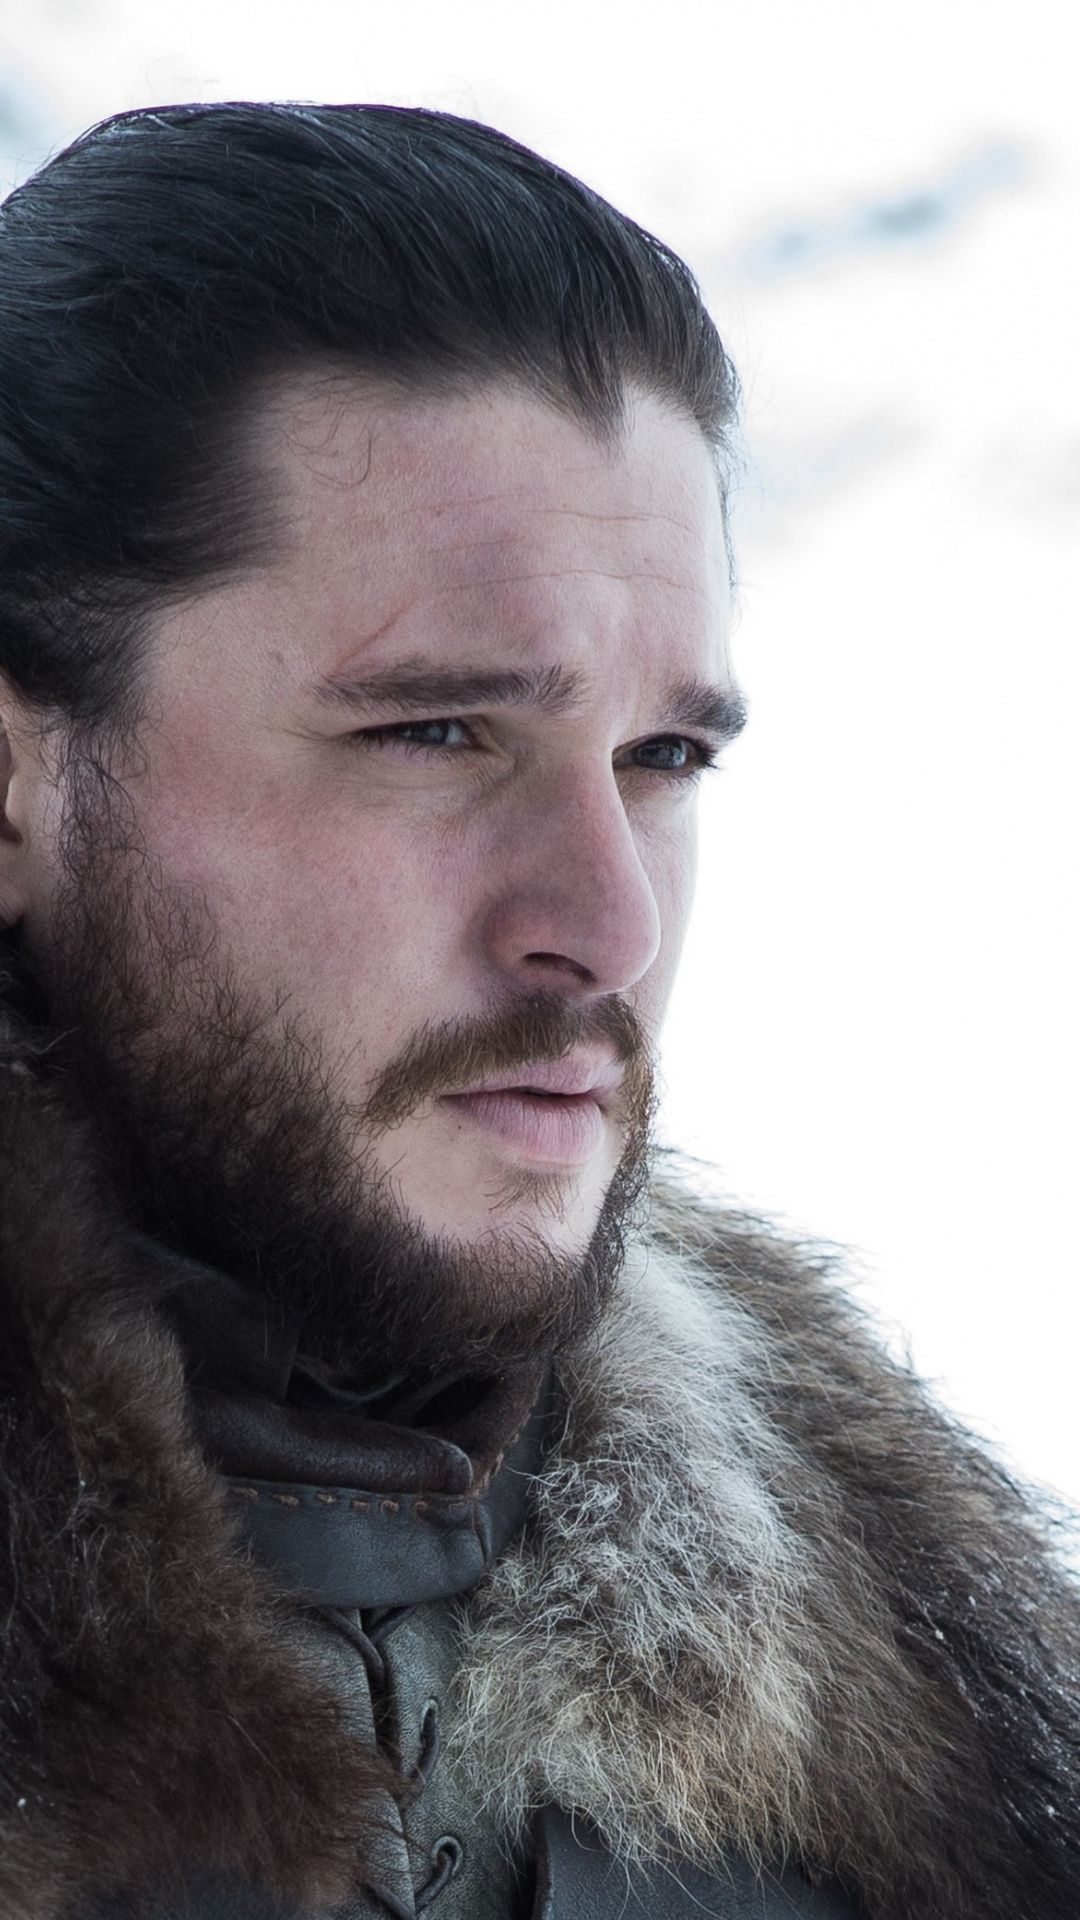 1080x1920 Jon Snow Kit Harington Season 8 Game Of Thrones 2019 Wallpaper Jon Snow Kit Harington Got Memes Jon snow game of thrones wallpaper